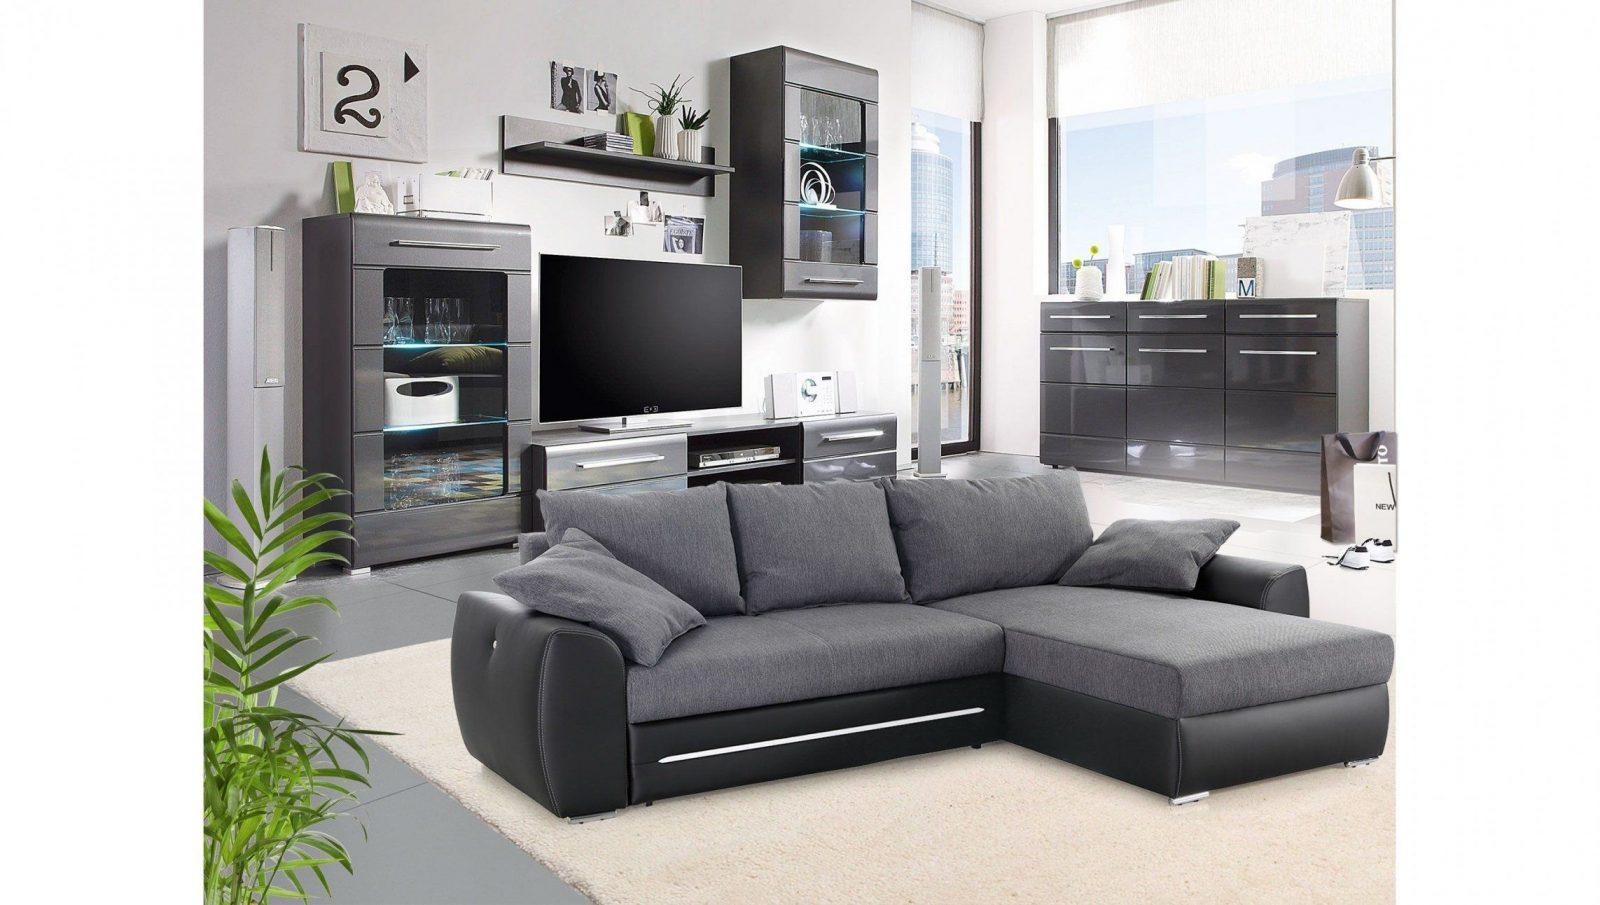 Billig Wohnwand Günstig Auf Raten Kaufen  Wohnung  Pinterest von Wohnwand Auf Raten Kaufen Bild